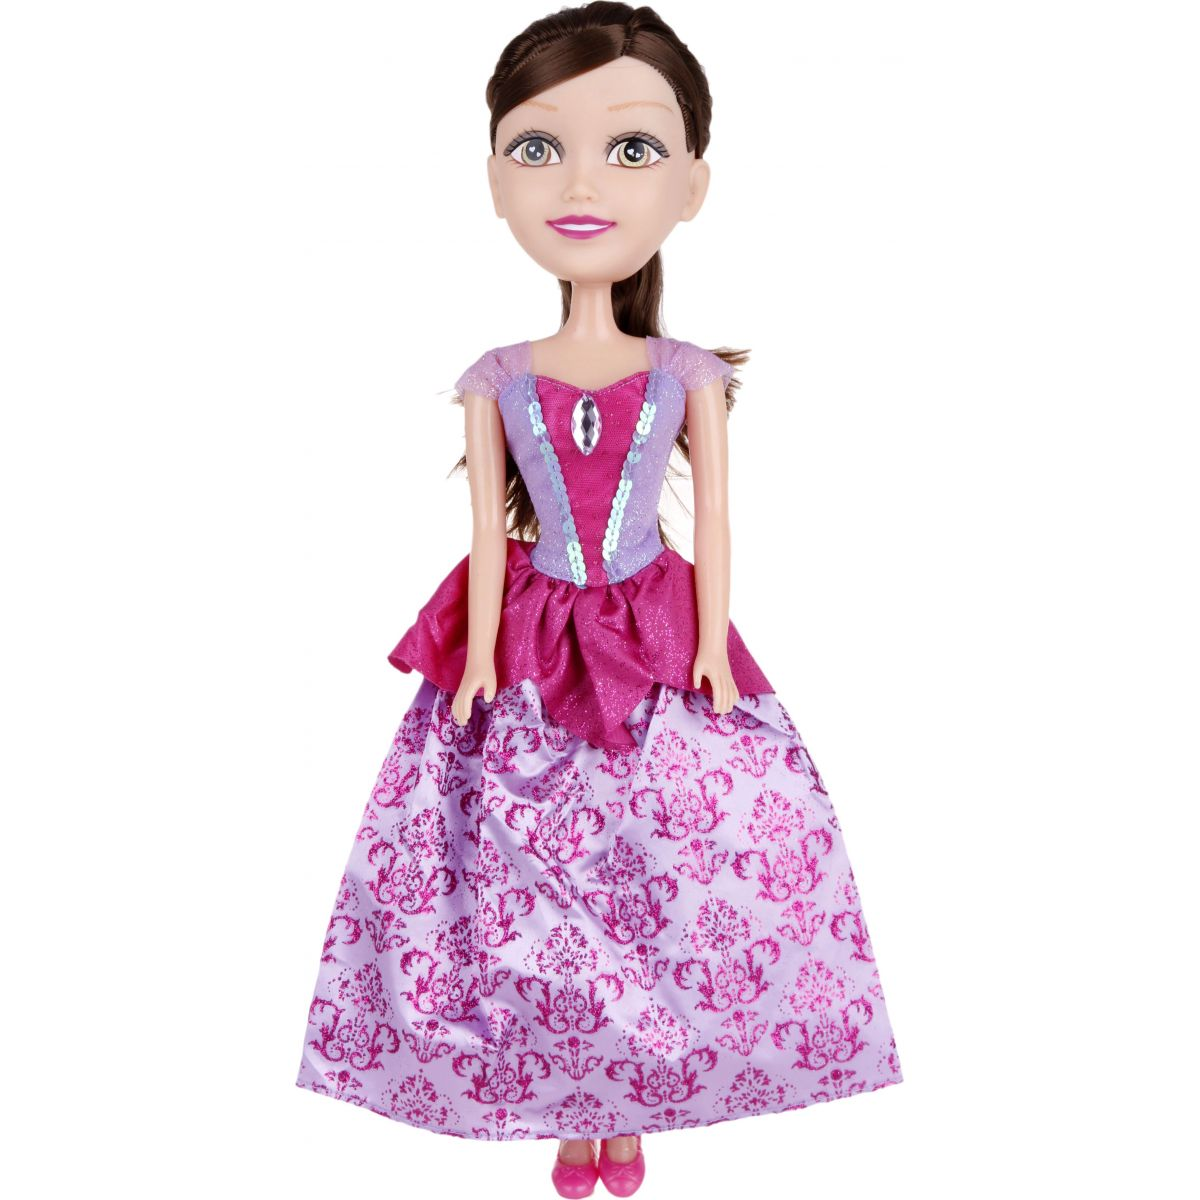 Alltoys Princezna 50 cm Sparkle Girlz - Fialově - růžové šaty